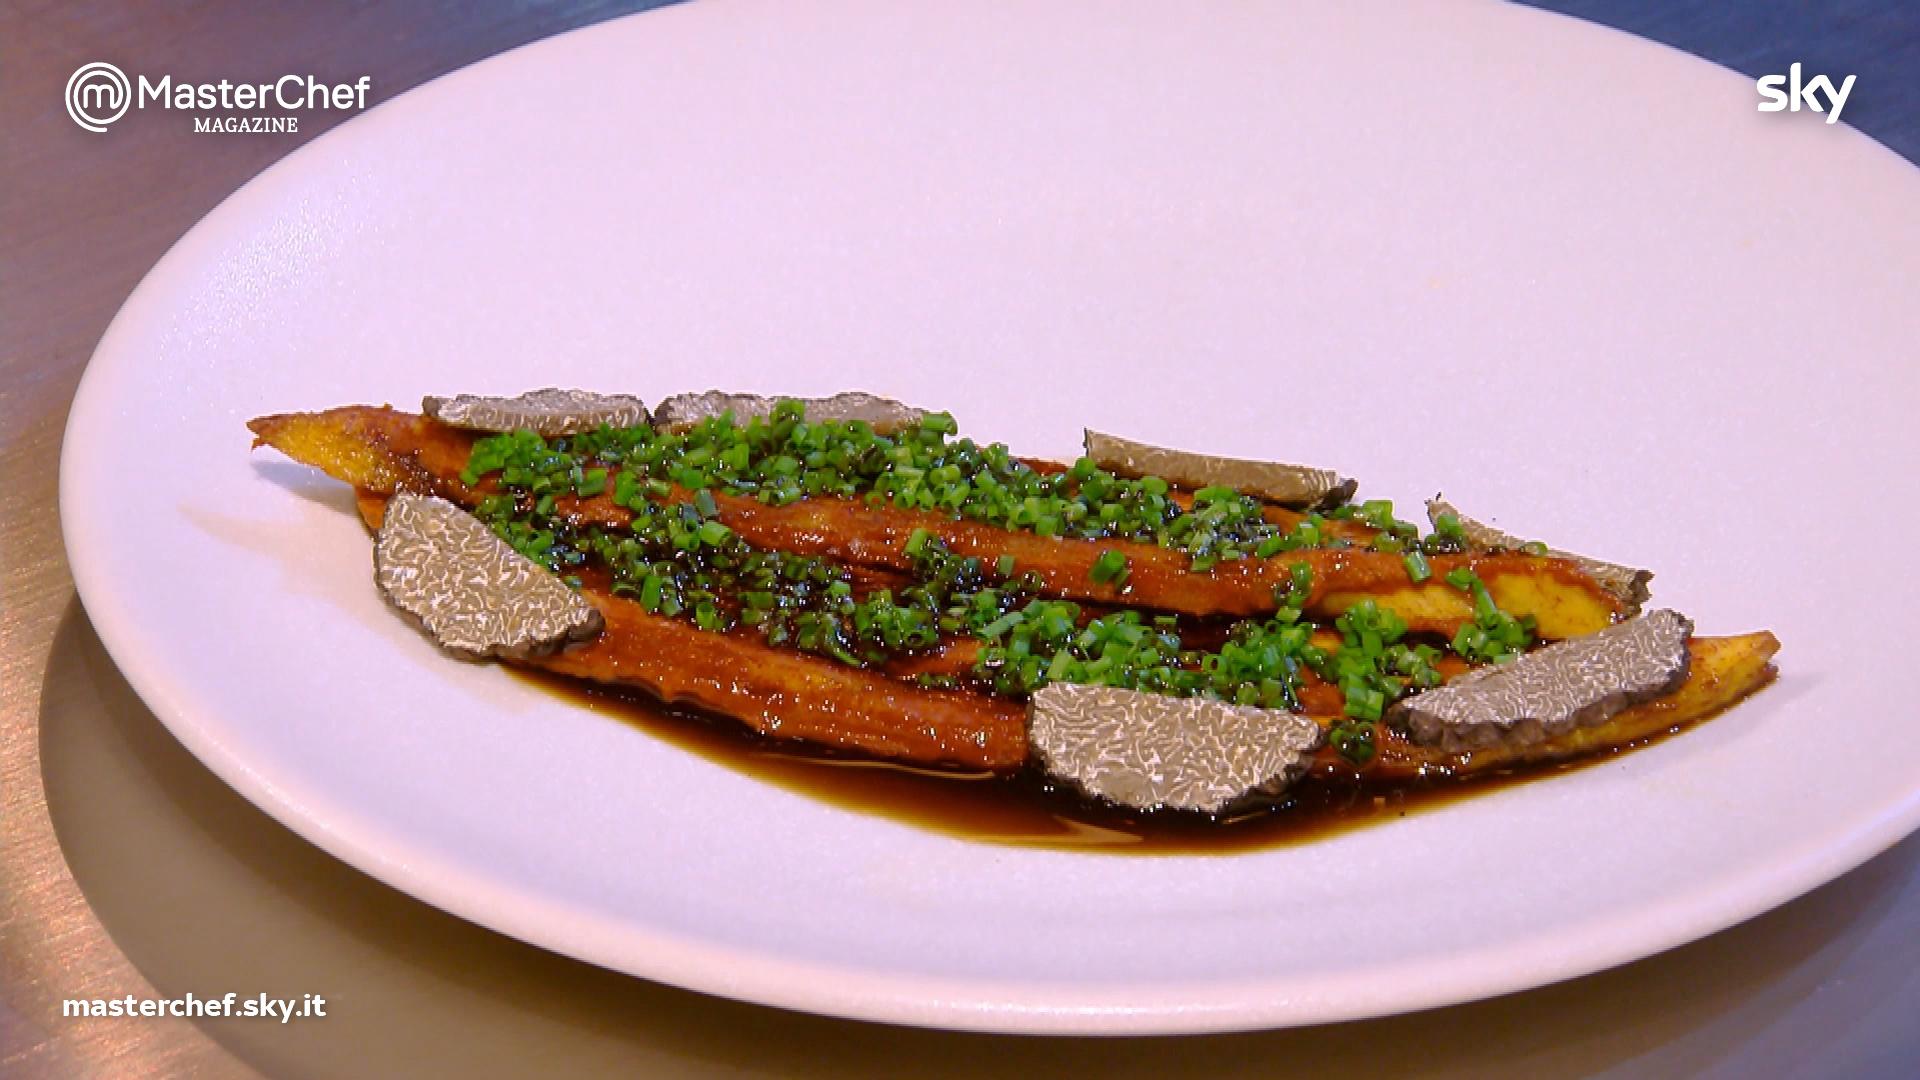 Platano caramellato allo zenzero e alga kombu di Chef Jeremy Chan